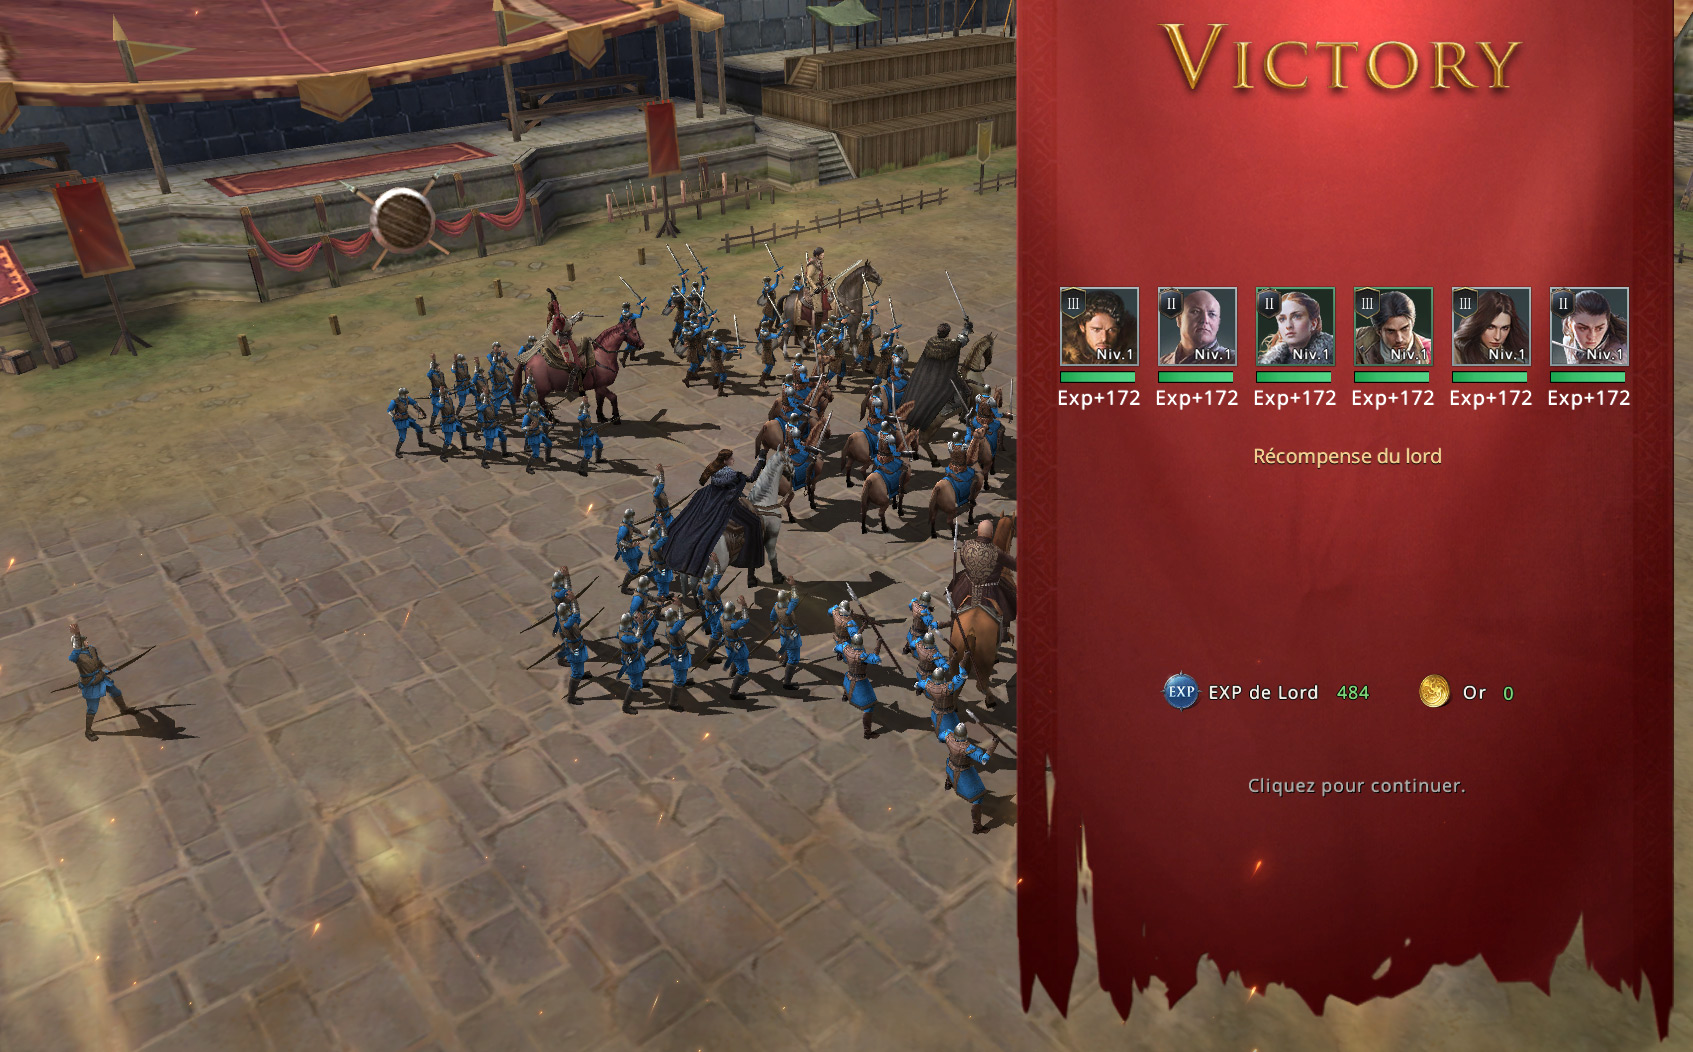 Victoire sur le terrain